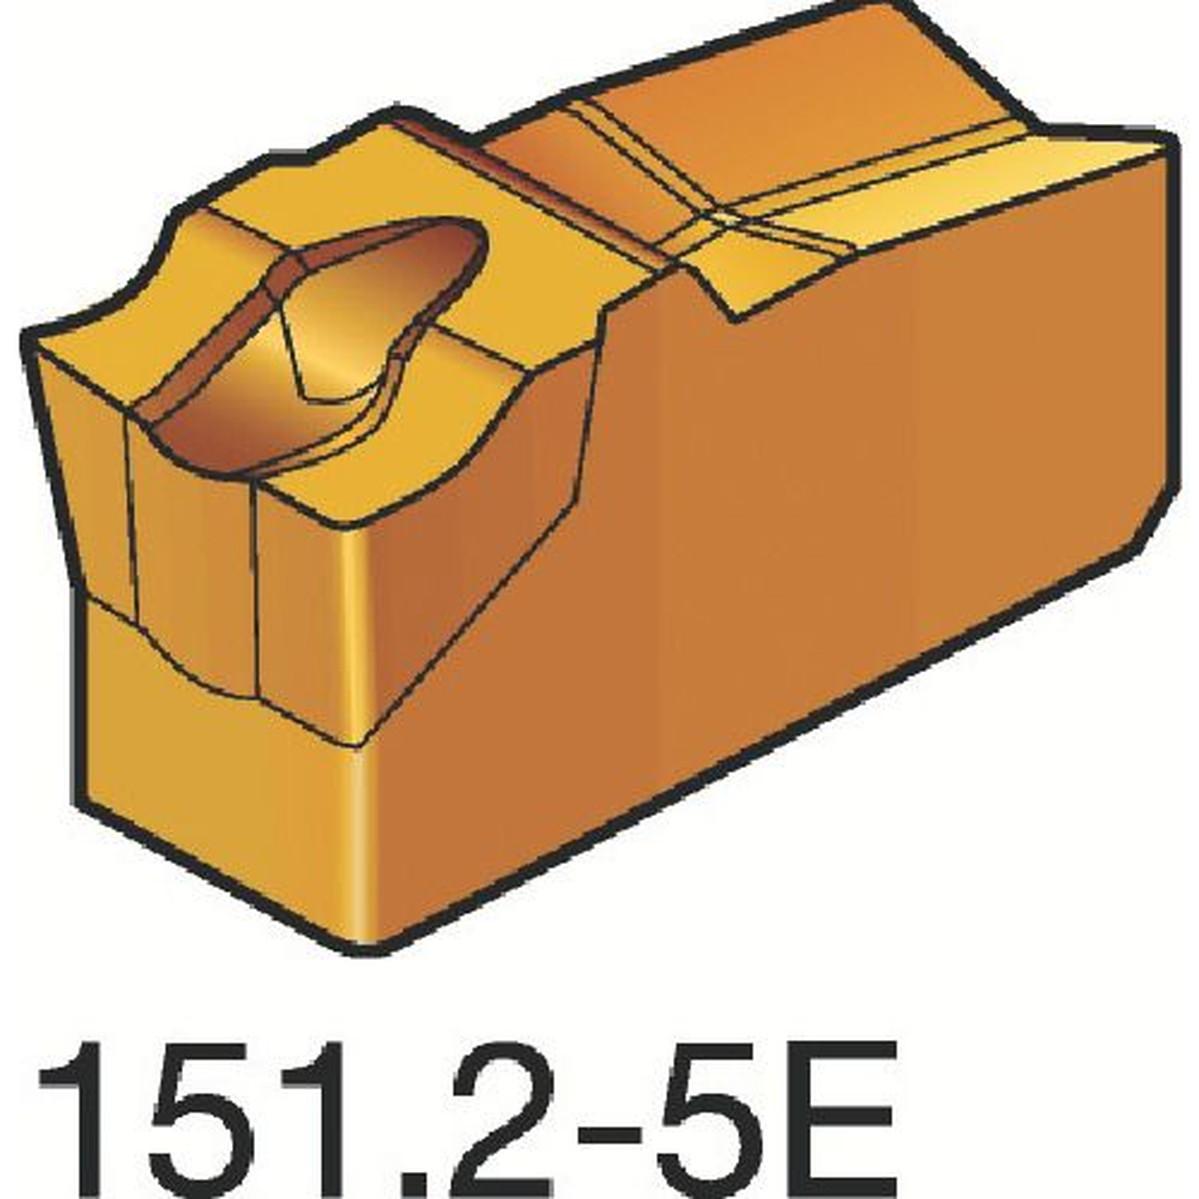 最愛 サンドビック 突切り・溝入れチップ T-Max サンドビック Q-カット 突切り 3020・溝入れチップ 3020 10個, 板前魂 匠の台所:4876b10f --- bungsu.net